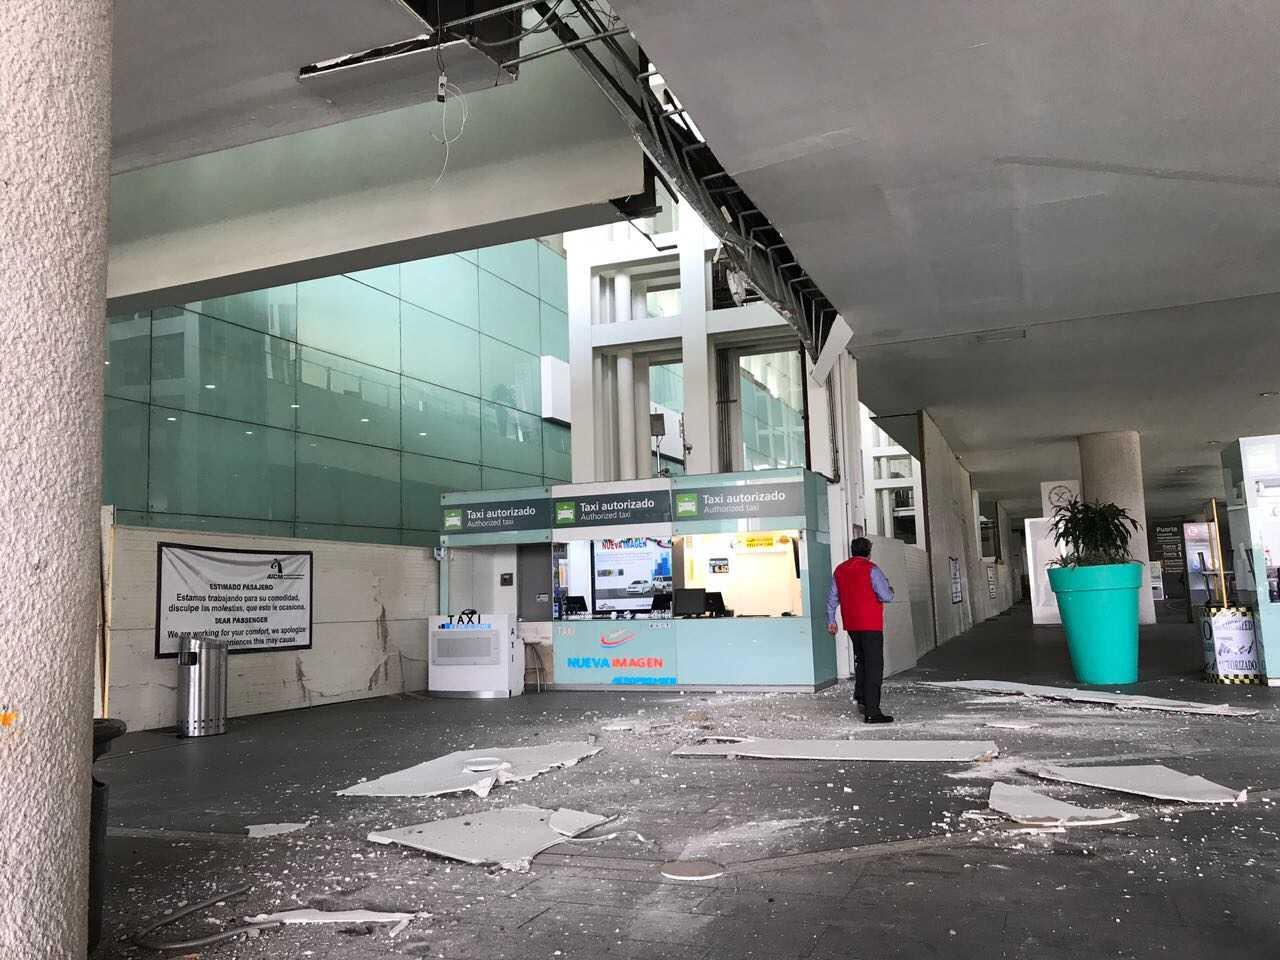 La CDMX reporta 152 personas muertas por el terremoto de 7.1